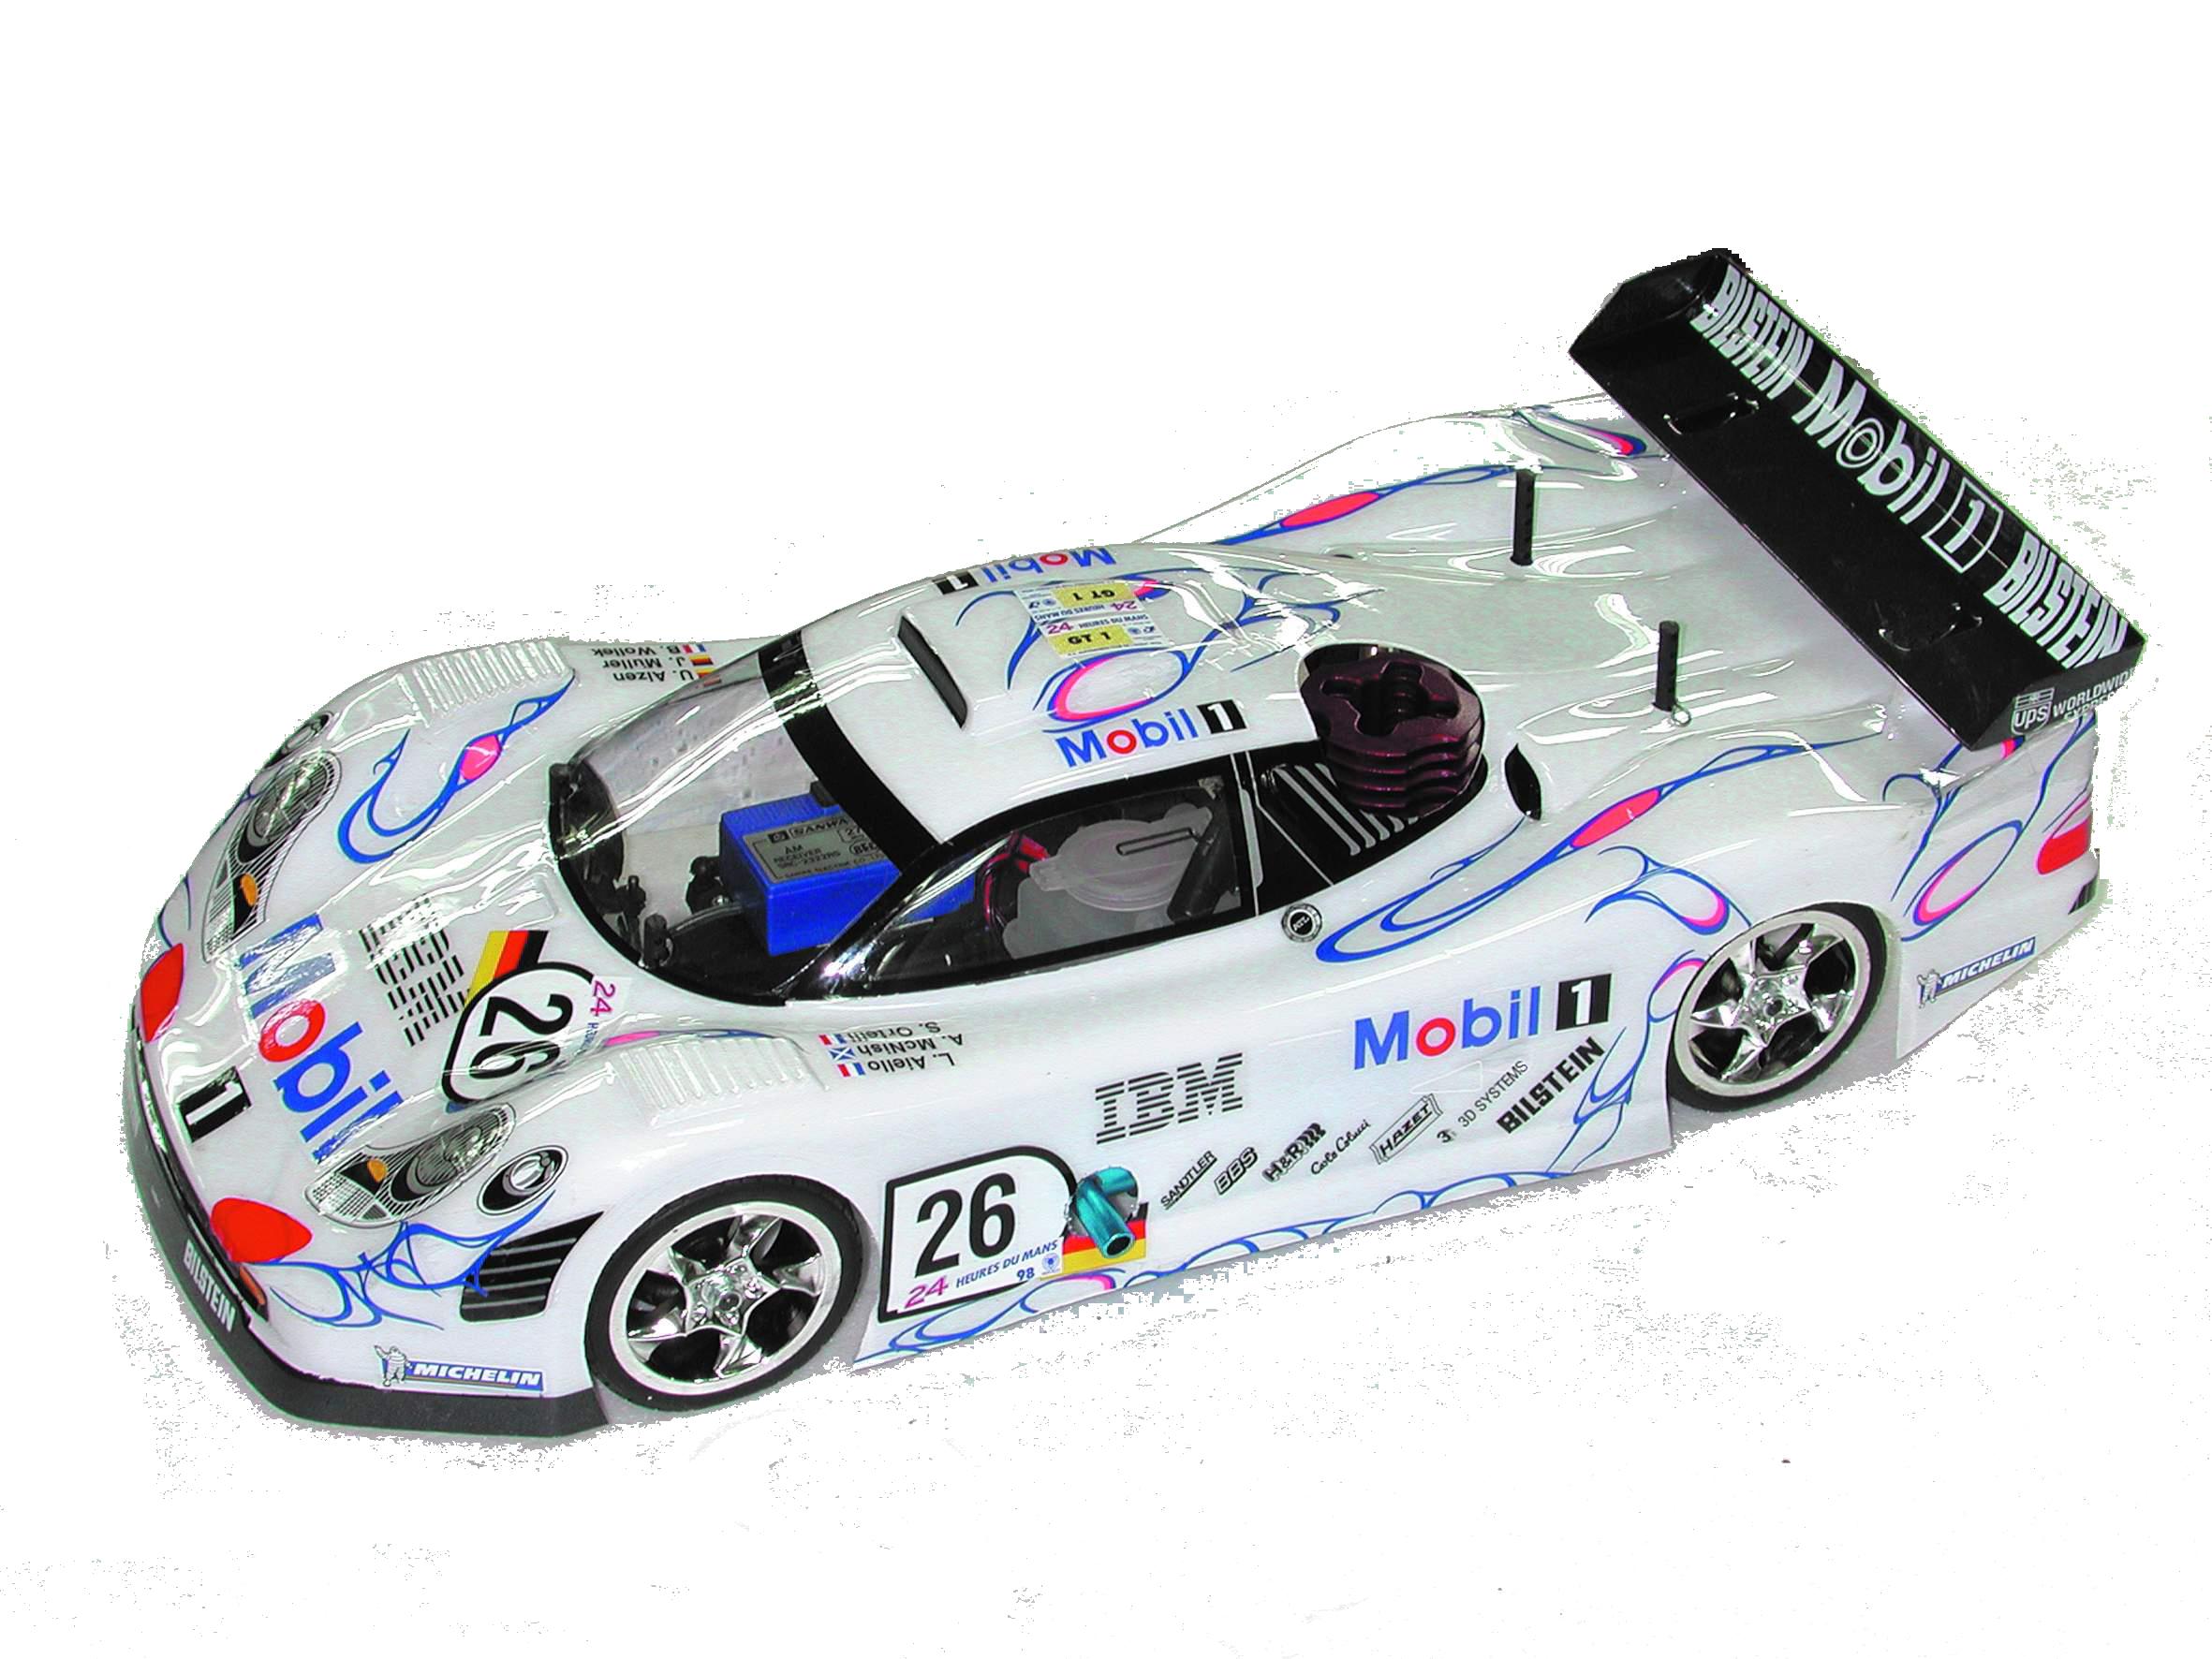 PORSCHE%20911%20GT1A Fascinating Hpi Racing 7038 Porsche 911 Gt1 Cars Trend